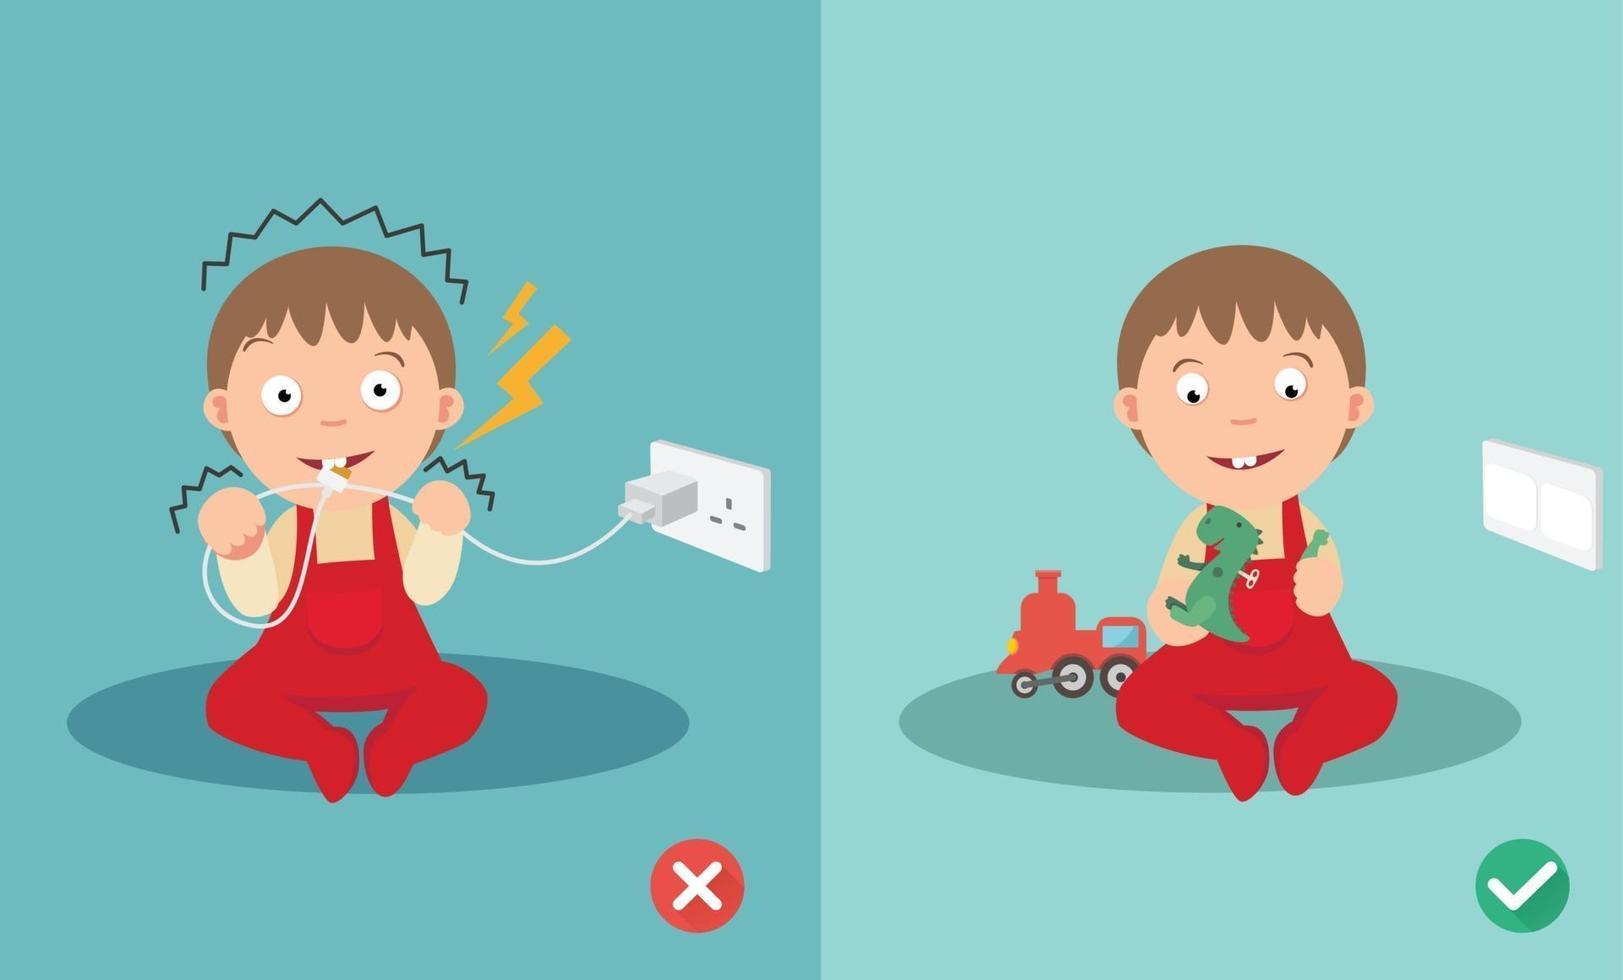 errado e certo para risco de choque elétrico de segurança. vetor